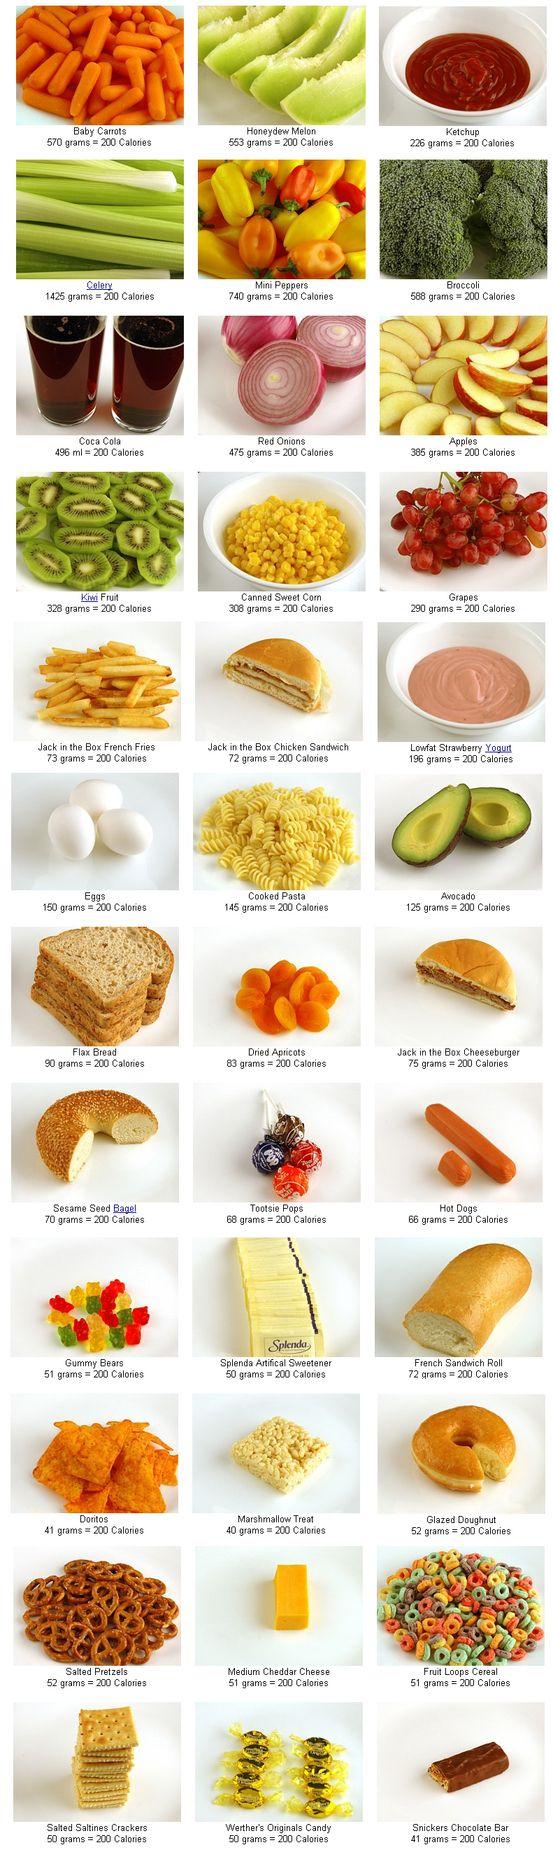 200 calorie comparison chart